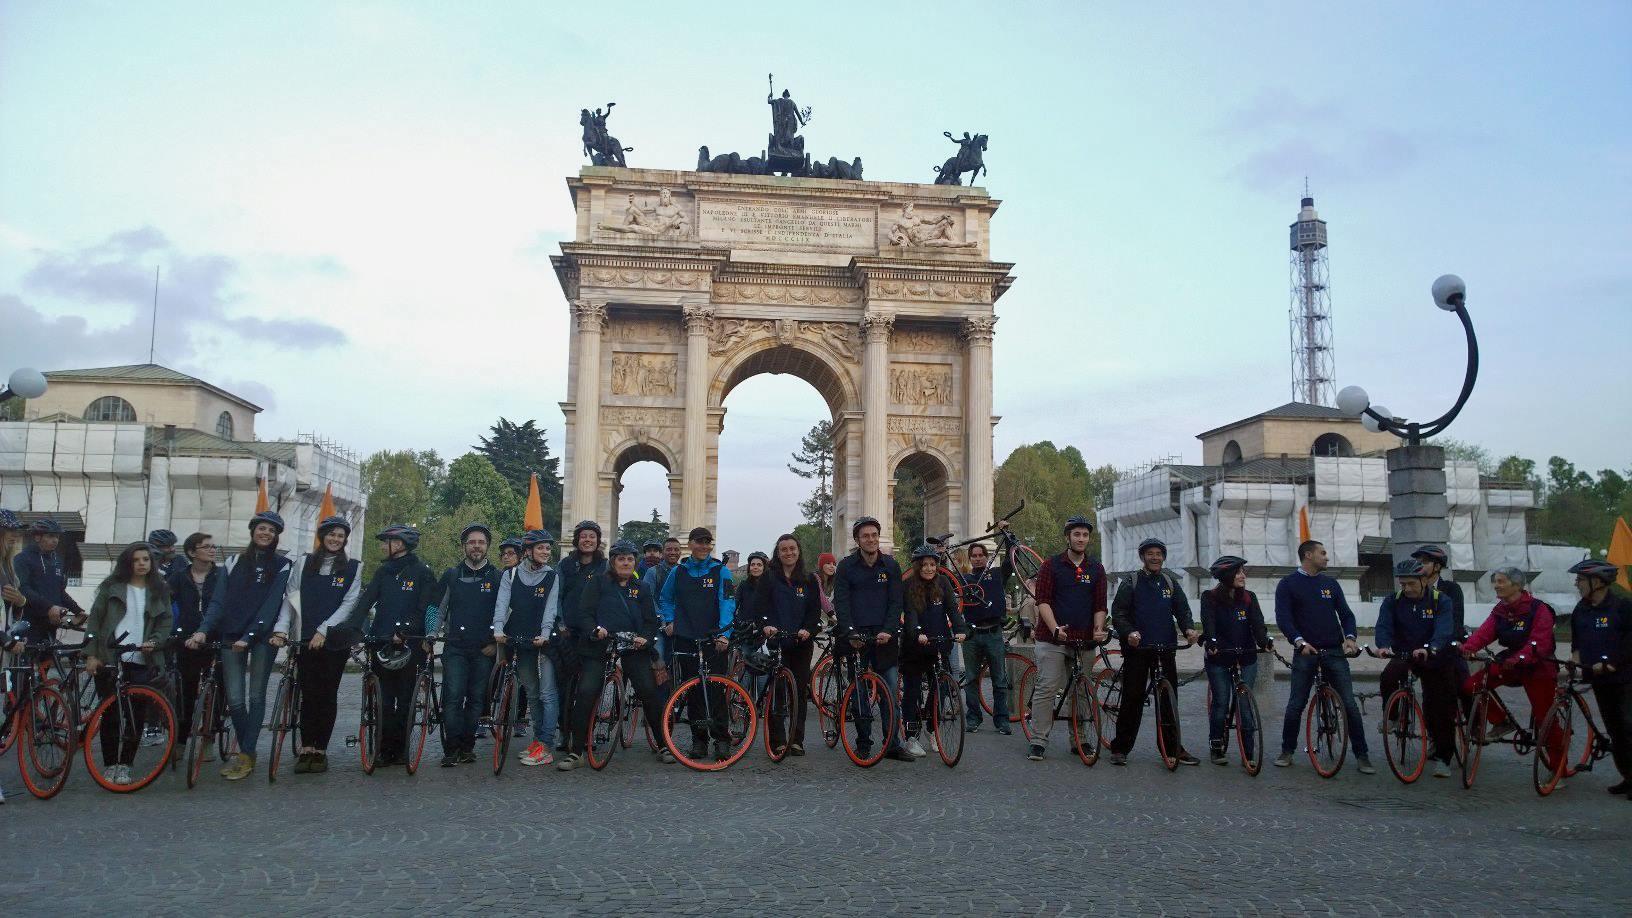 Il gruppo all'arrivo all'Arco della Pace